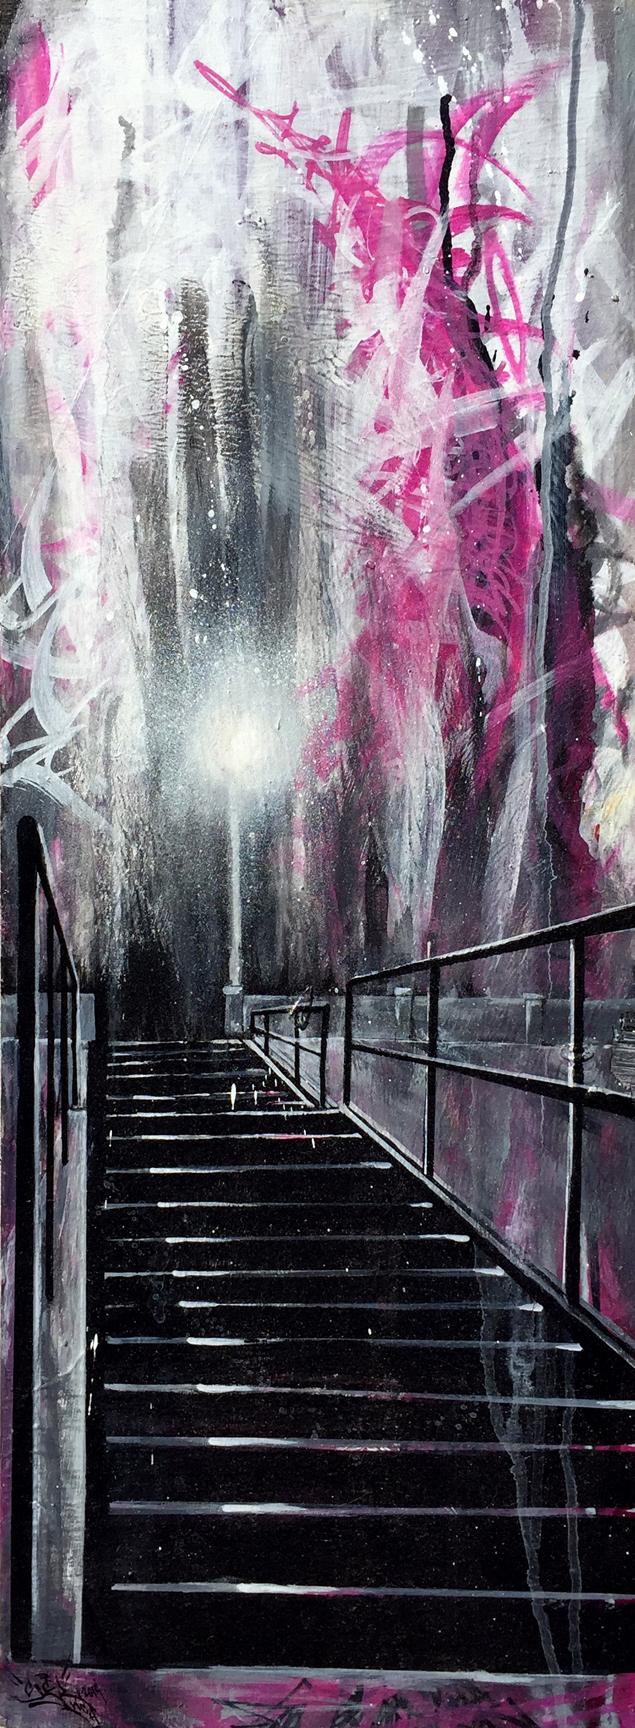 Night Stairs.jpg